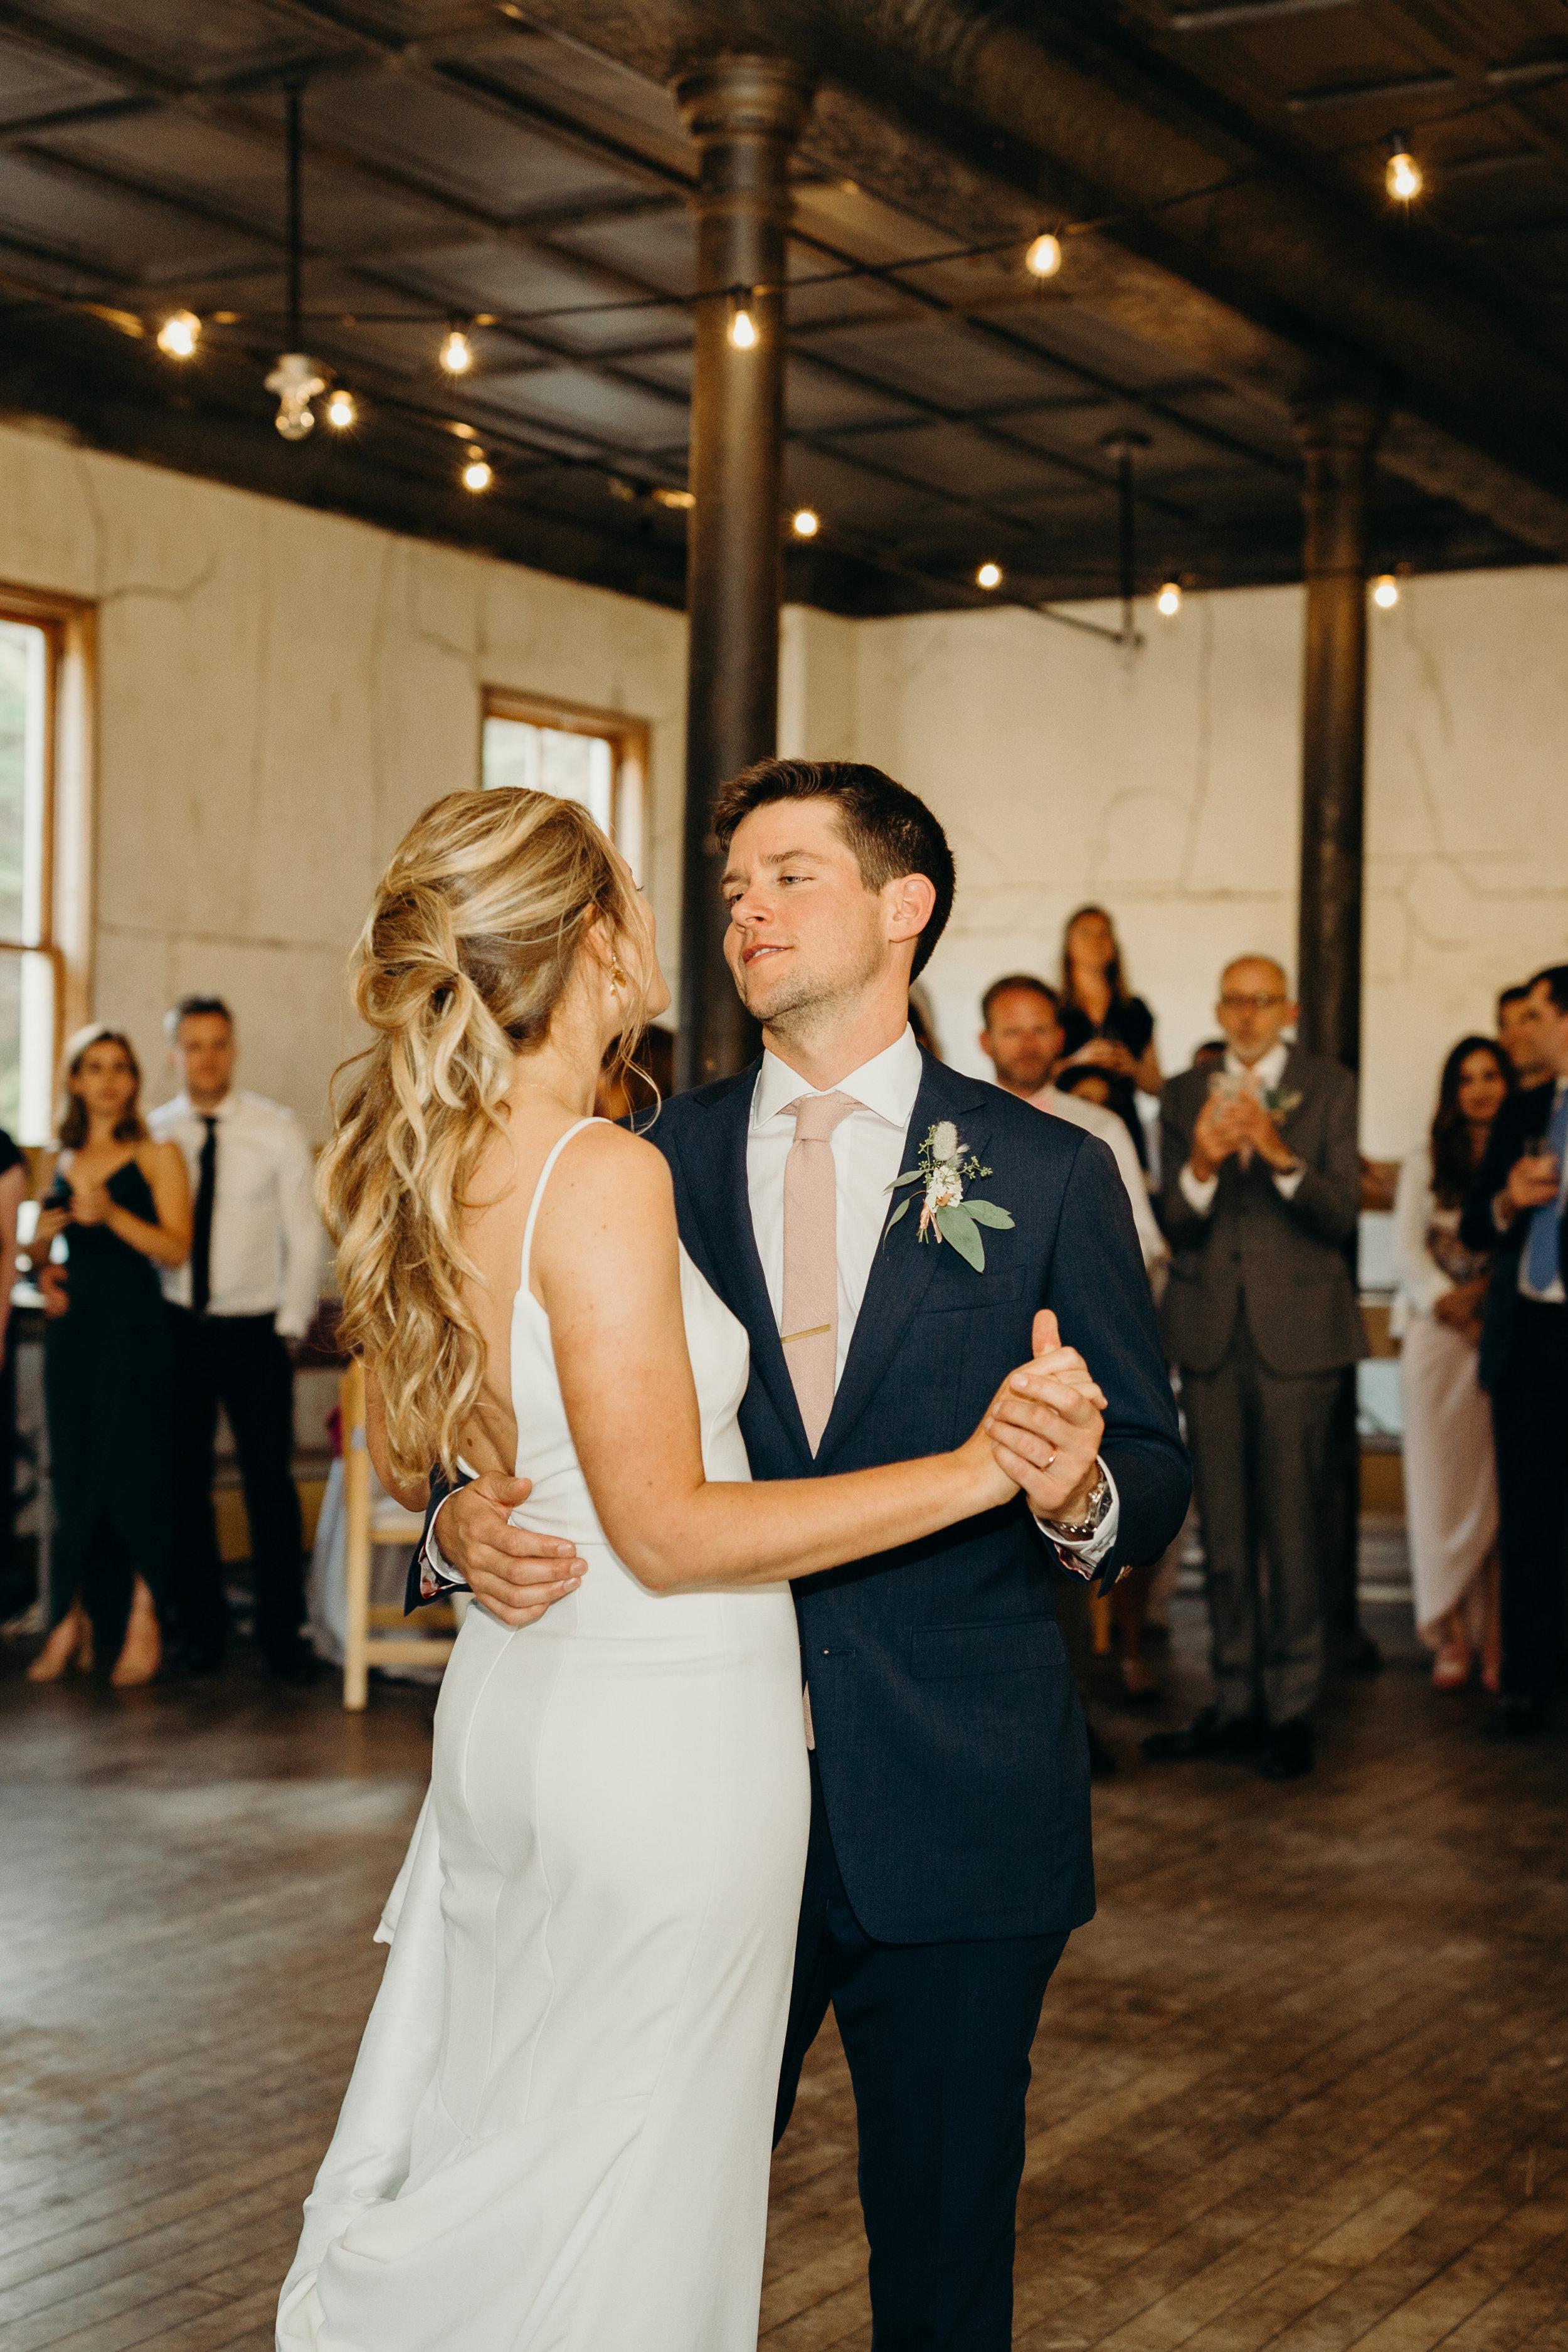 Whitney-Lauren-Headlands-Center-for-The-Arts-Wedding-1610.jpg